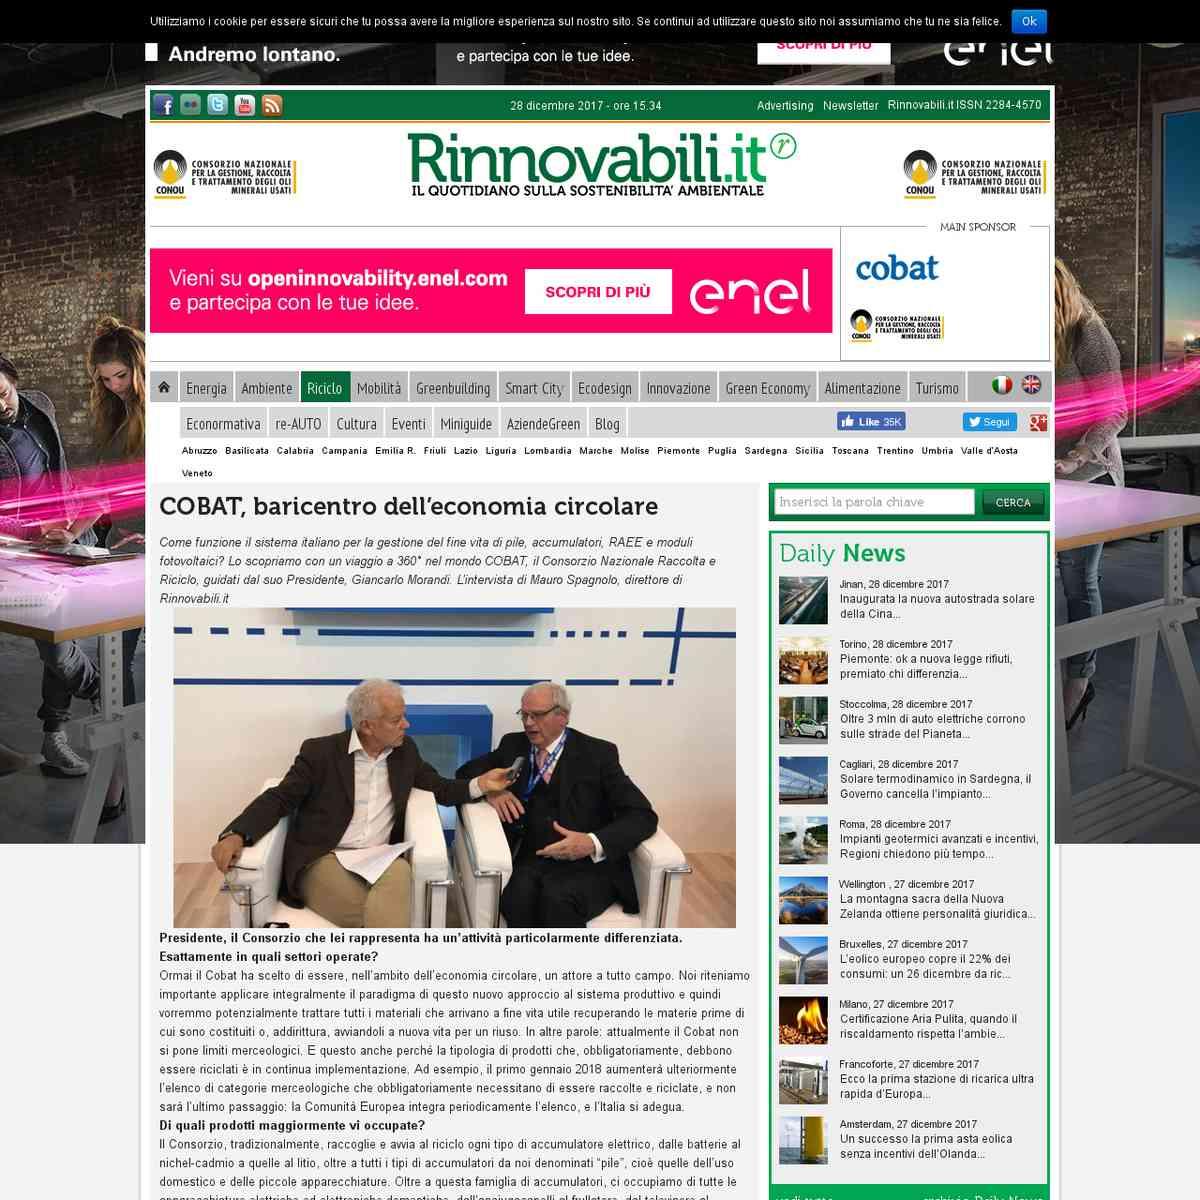 Cobat, Giancarlo Morandi: siamo preparati al boom dell'eMobility